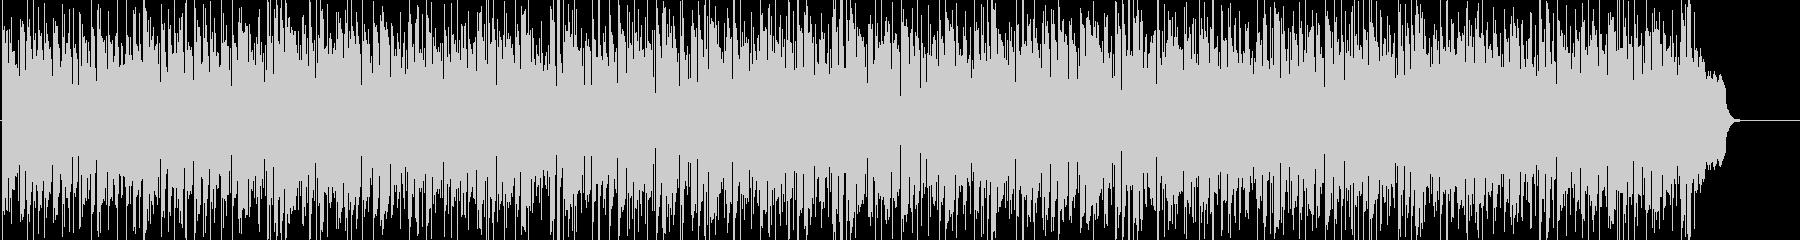 ジャズテイストのボザノバBGMの未再生の波形